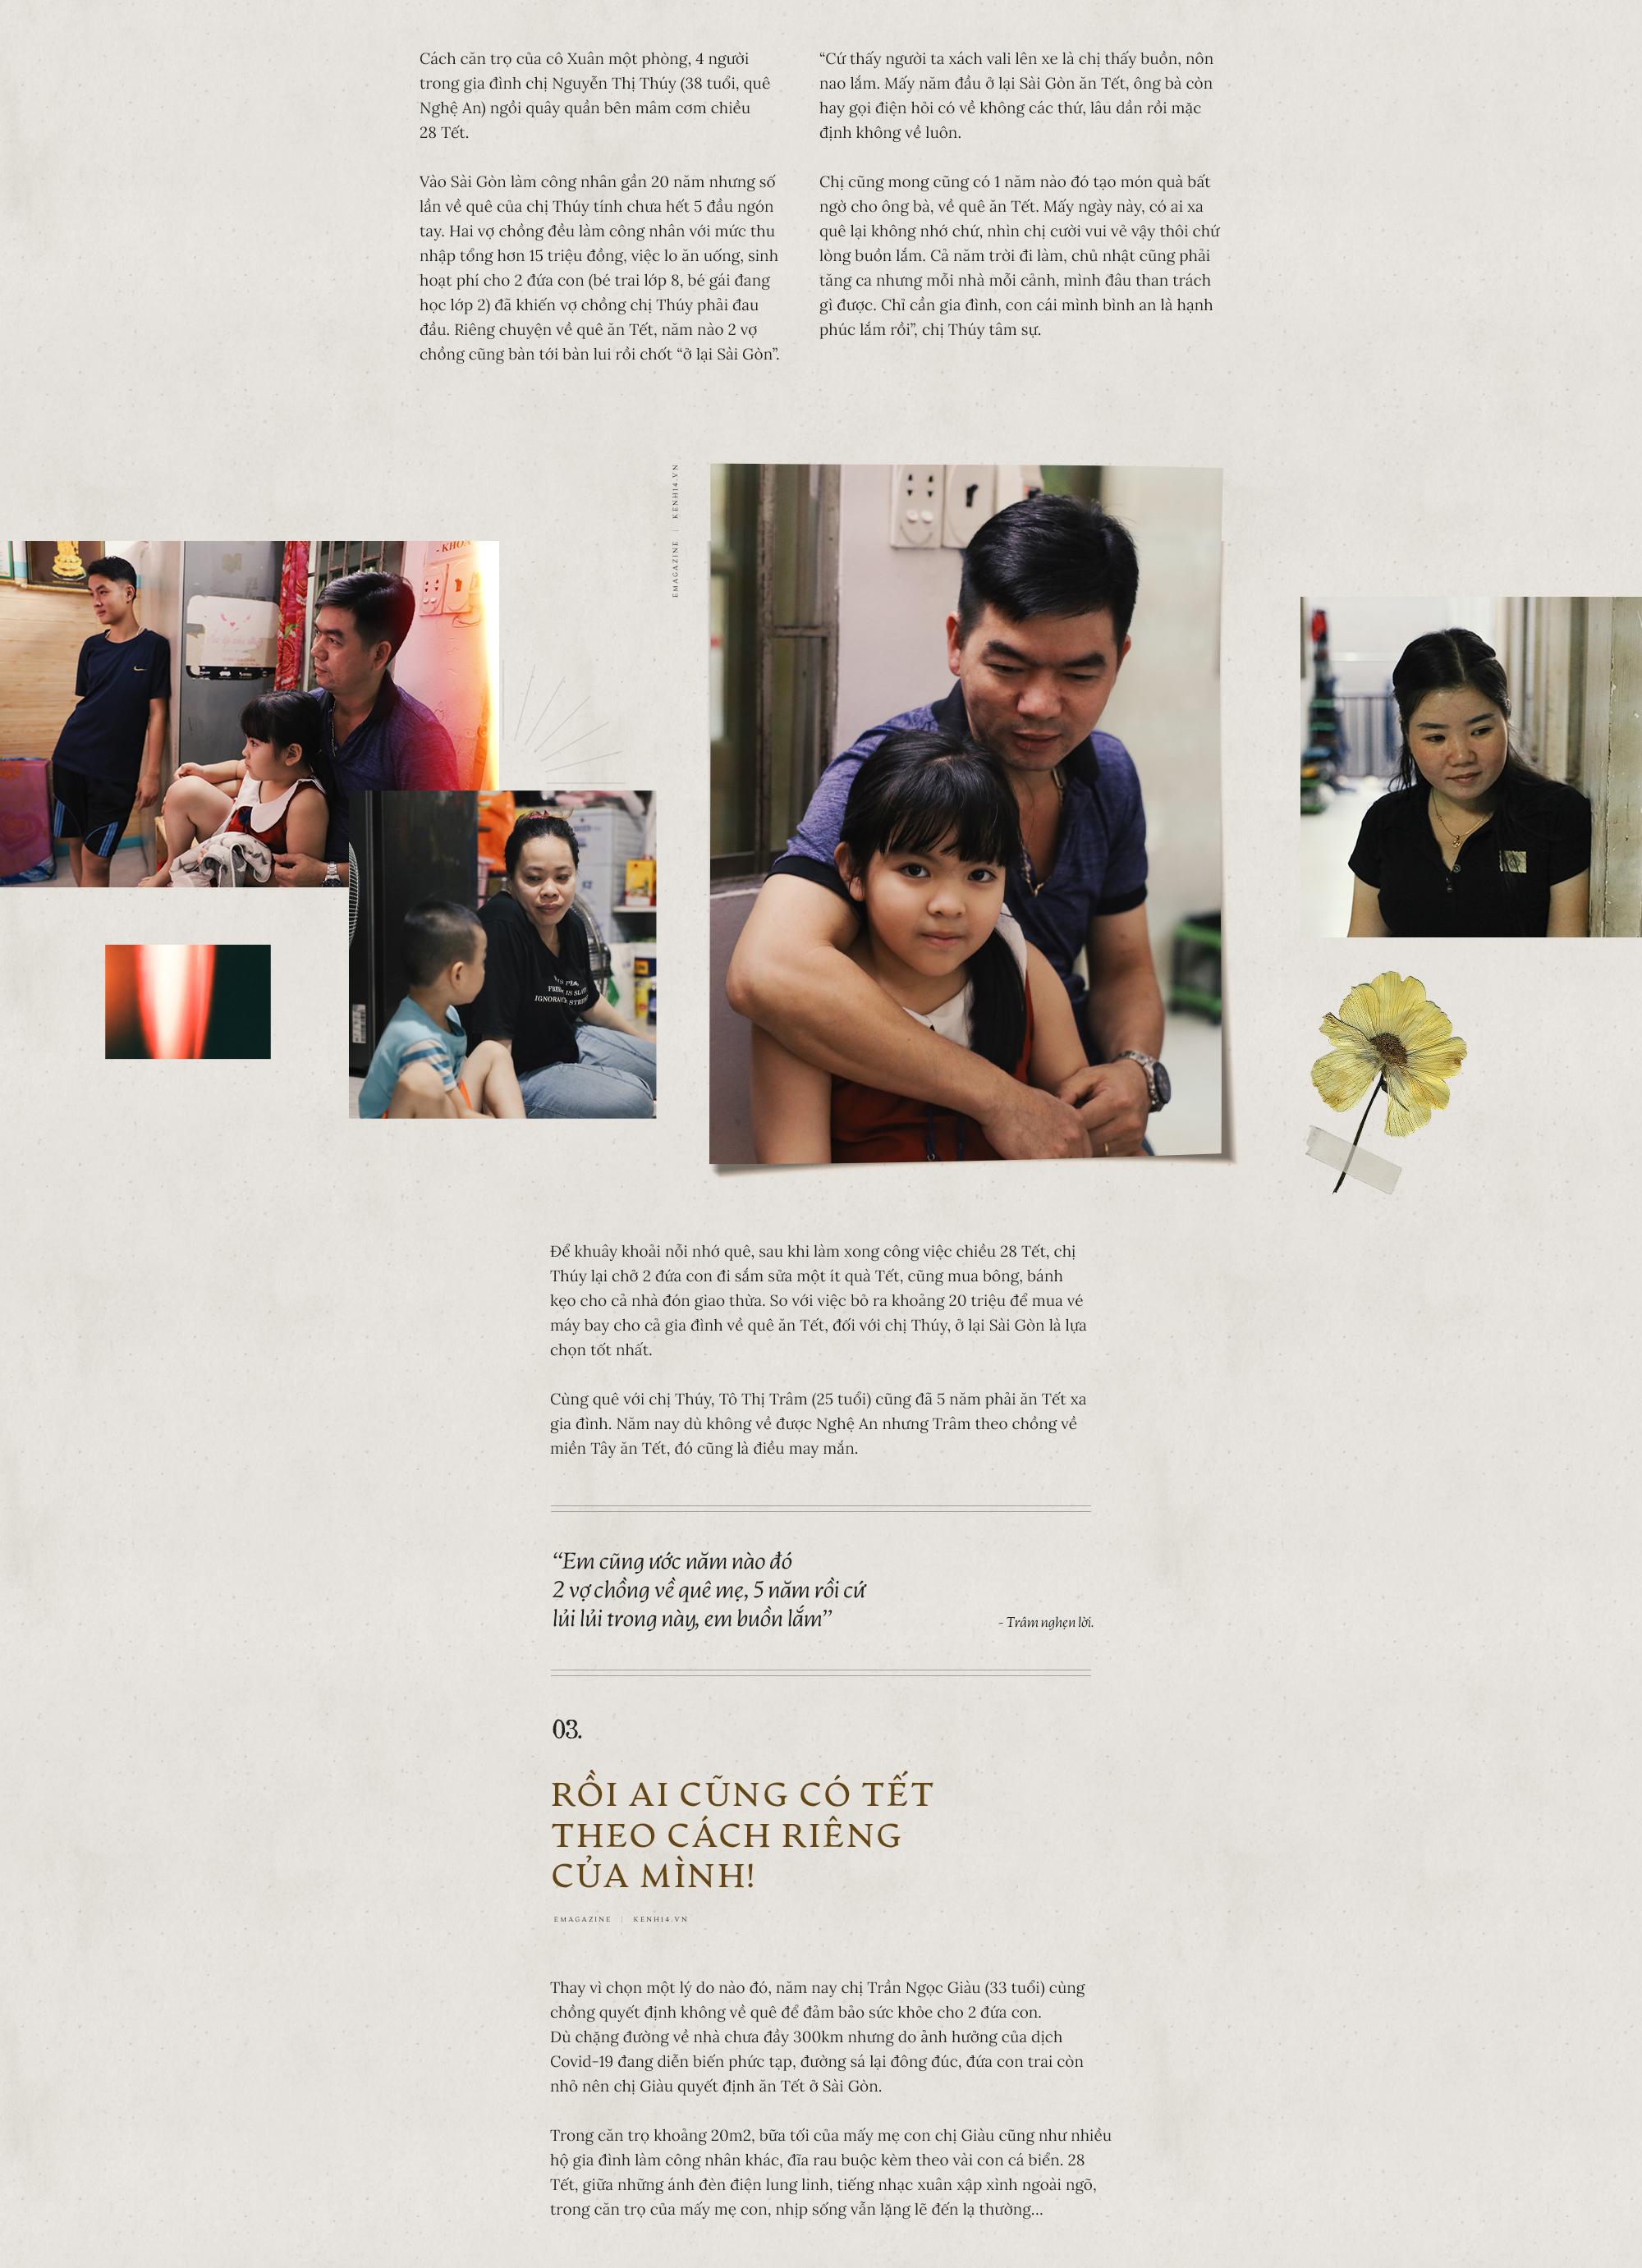 Chuyện những người công nhân ở lại Sài Gòn ăn Tết: Rồi ai cũng có Tết, chỉ cần cả gia đình ở bên nhau... - Ảnh 5.